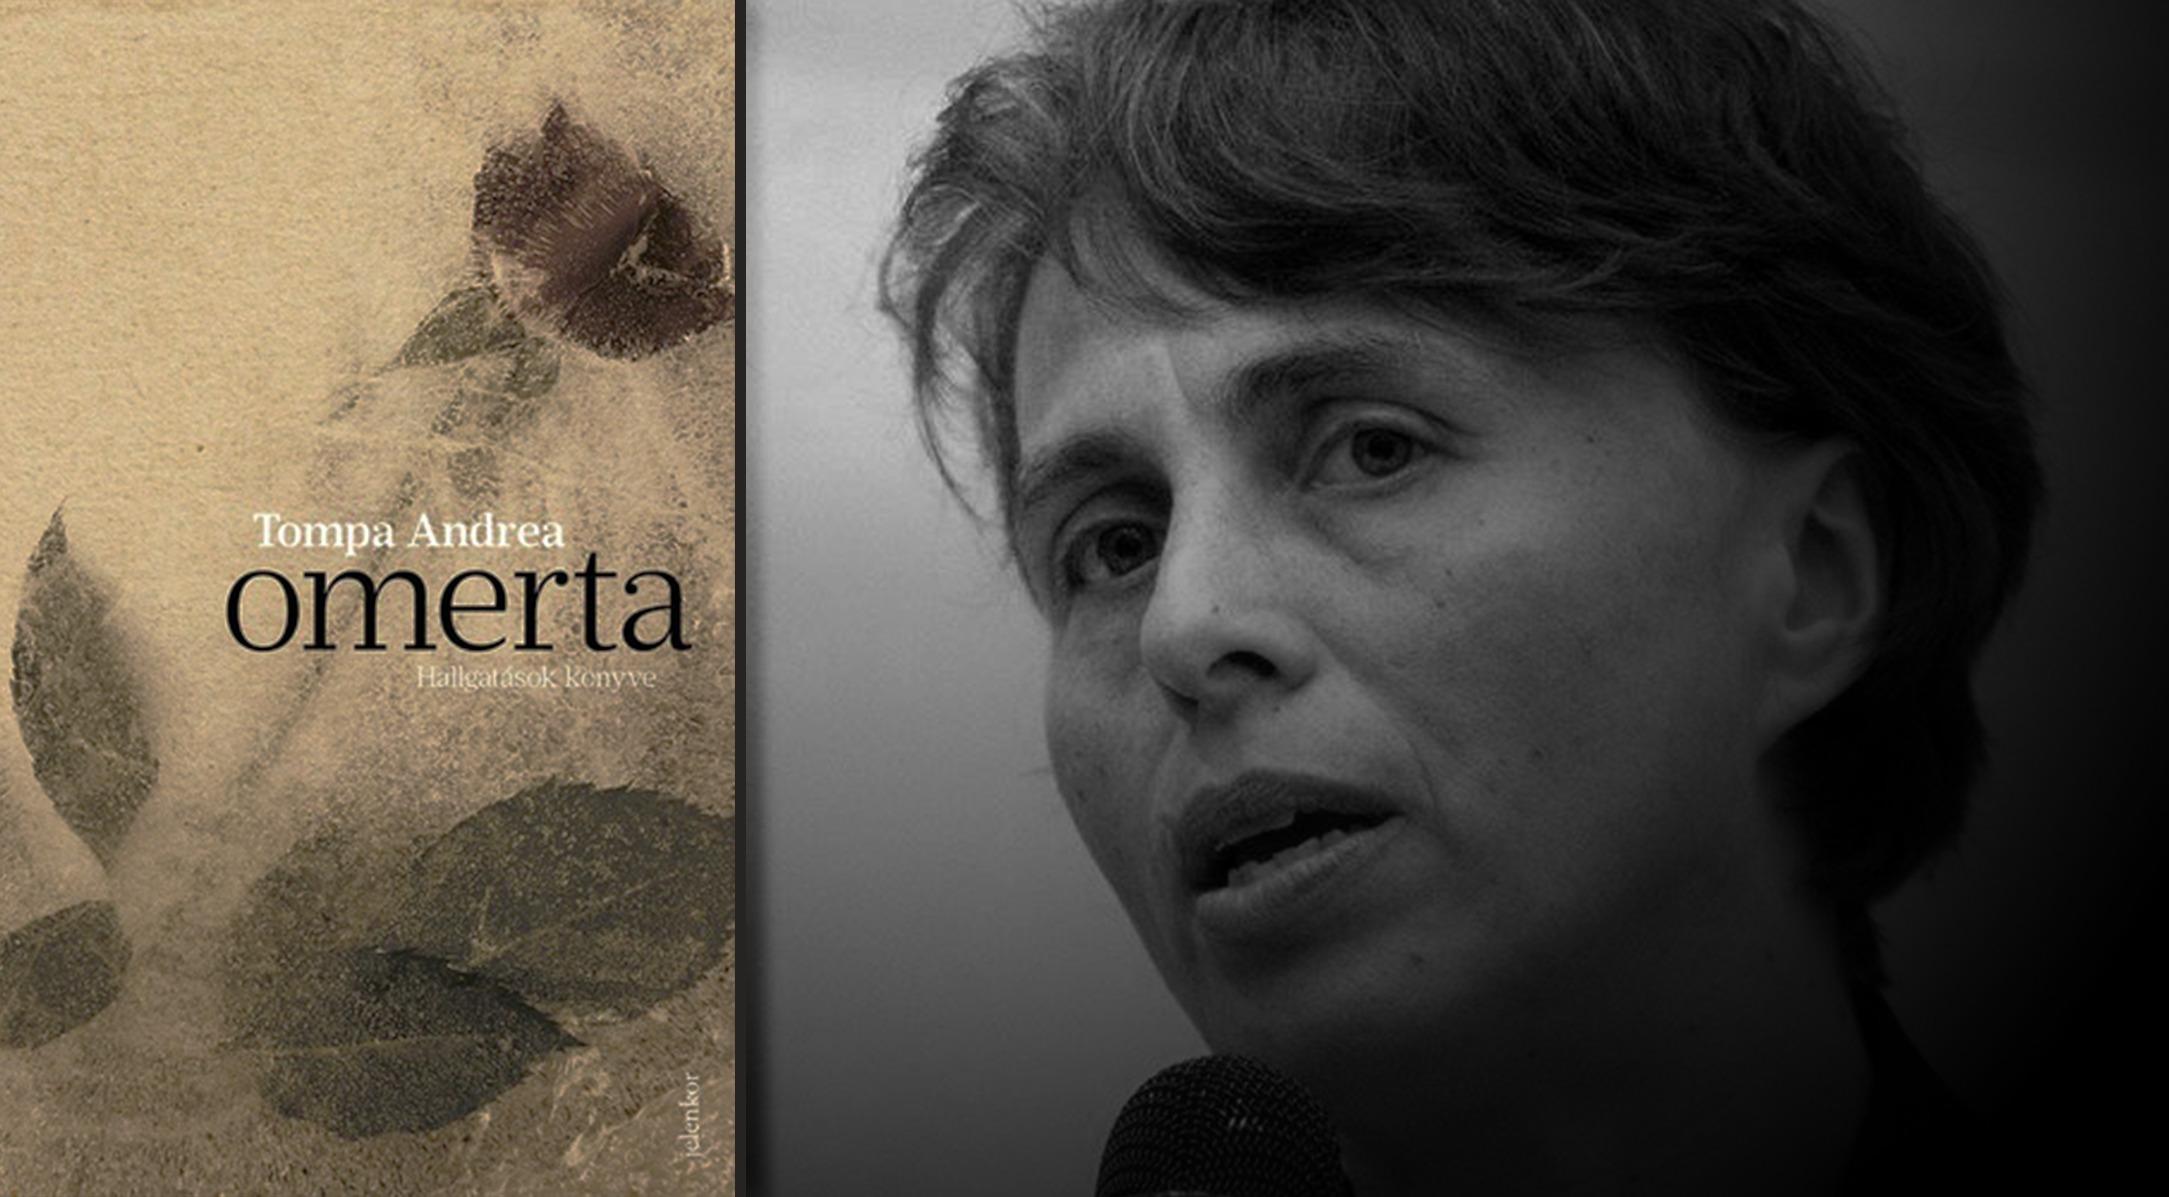 Beteg, koldus, bűnös, kommunista, az összes szerencsétlen - Tompa Andrea harmadik Kolozsvár-könyve, az Omerta